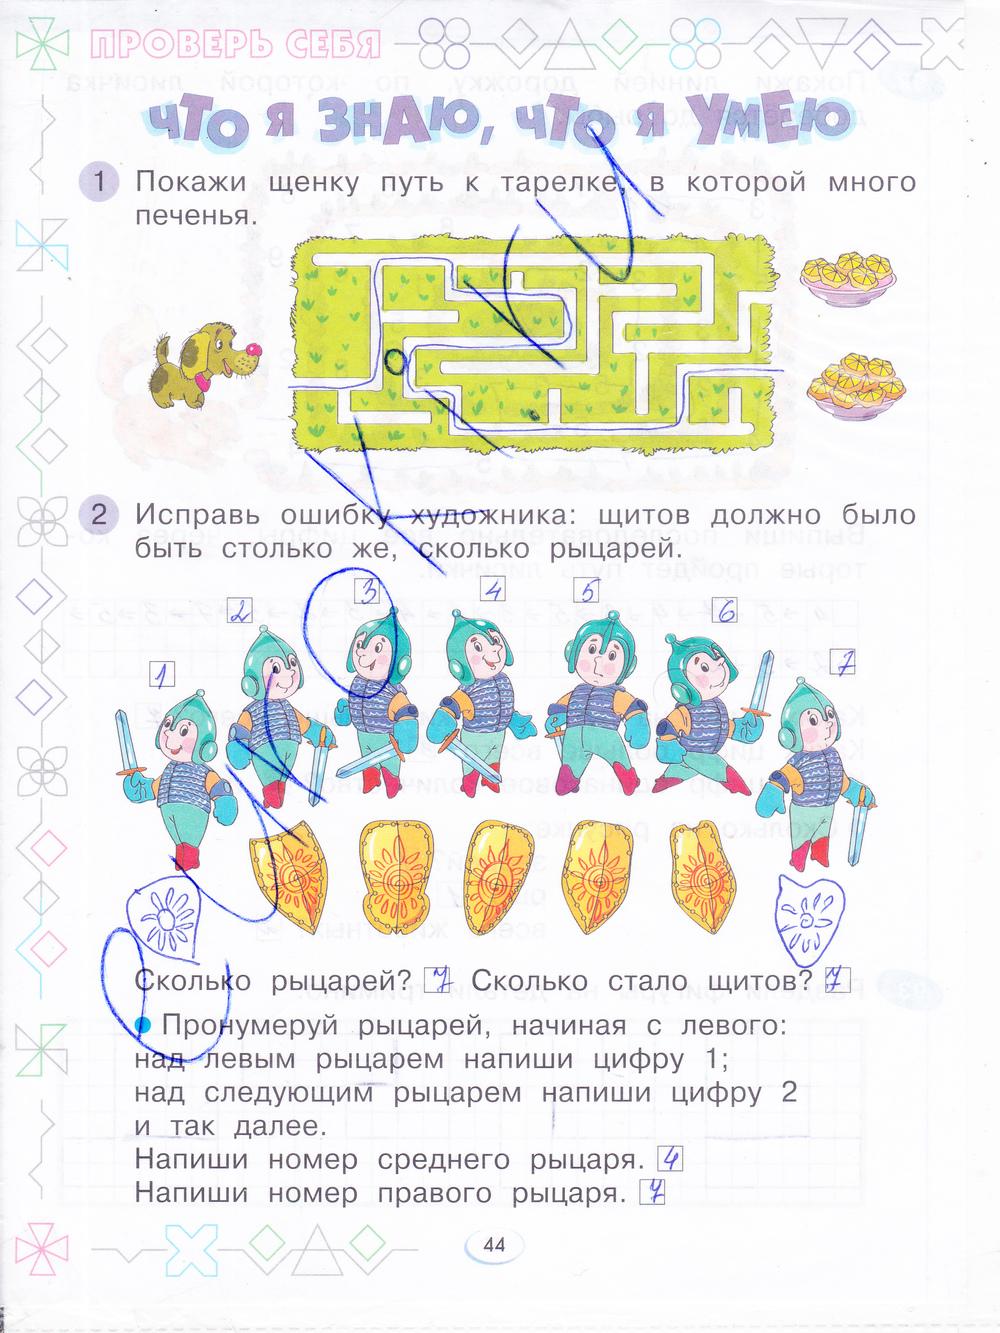 гдз по математике 1 класс бененсон итина рабочая тетрадь 1 часть 2 класс